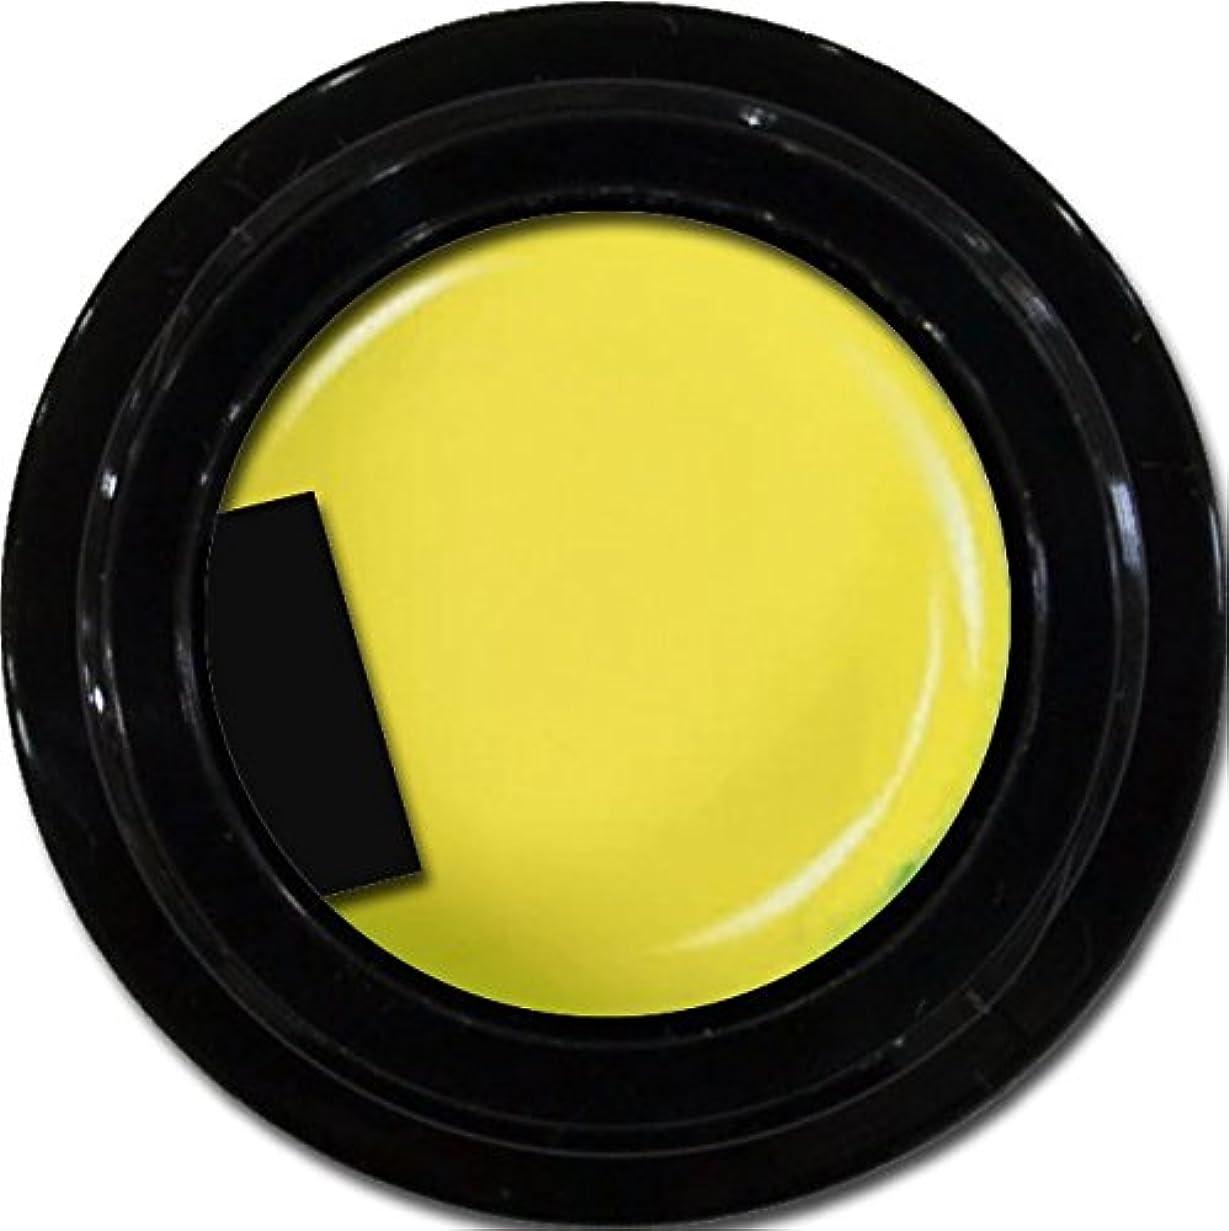 人工的なの間でオセアニアカラージェル enchant color gel M602 MoroccoYellow 3g/ マットカラージェル M602 モロッコイエロー 3グラム